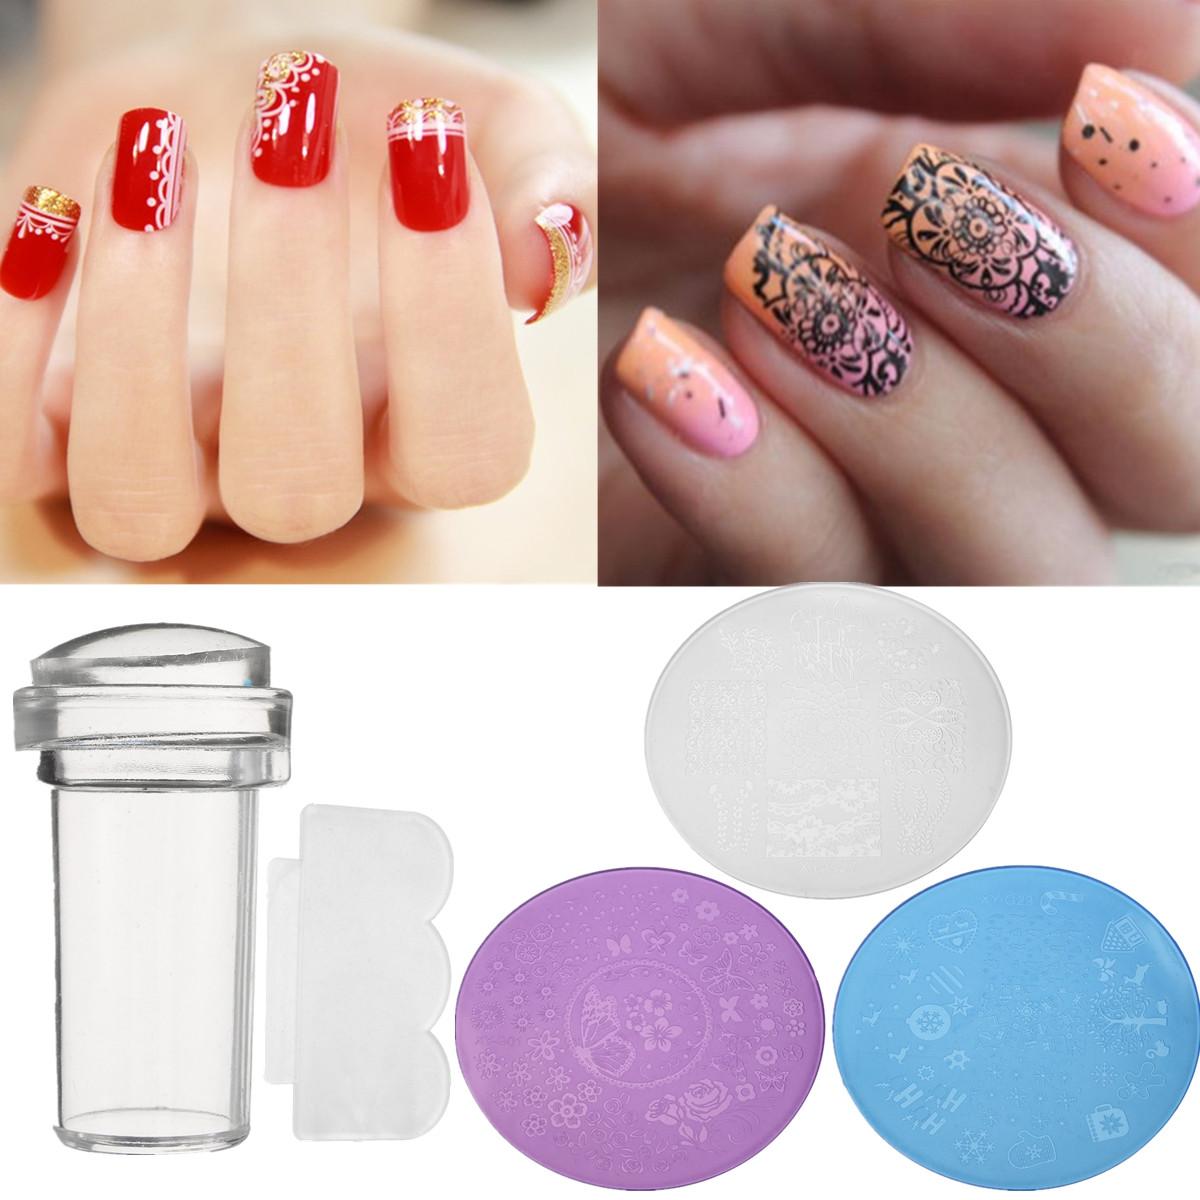 Global Nails Spa